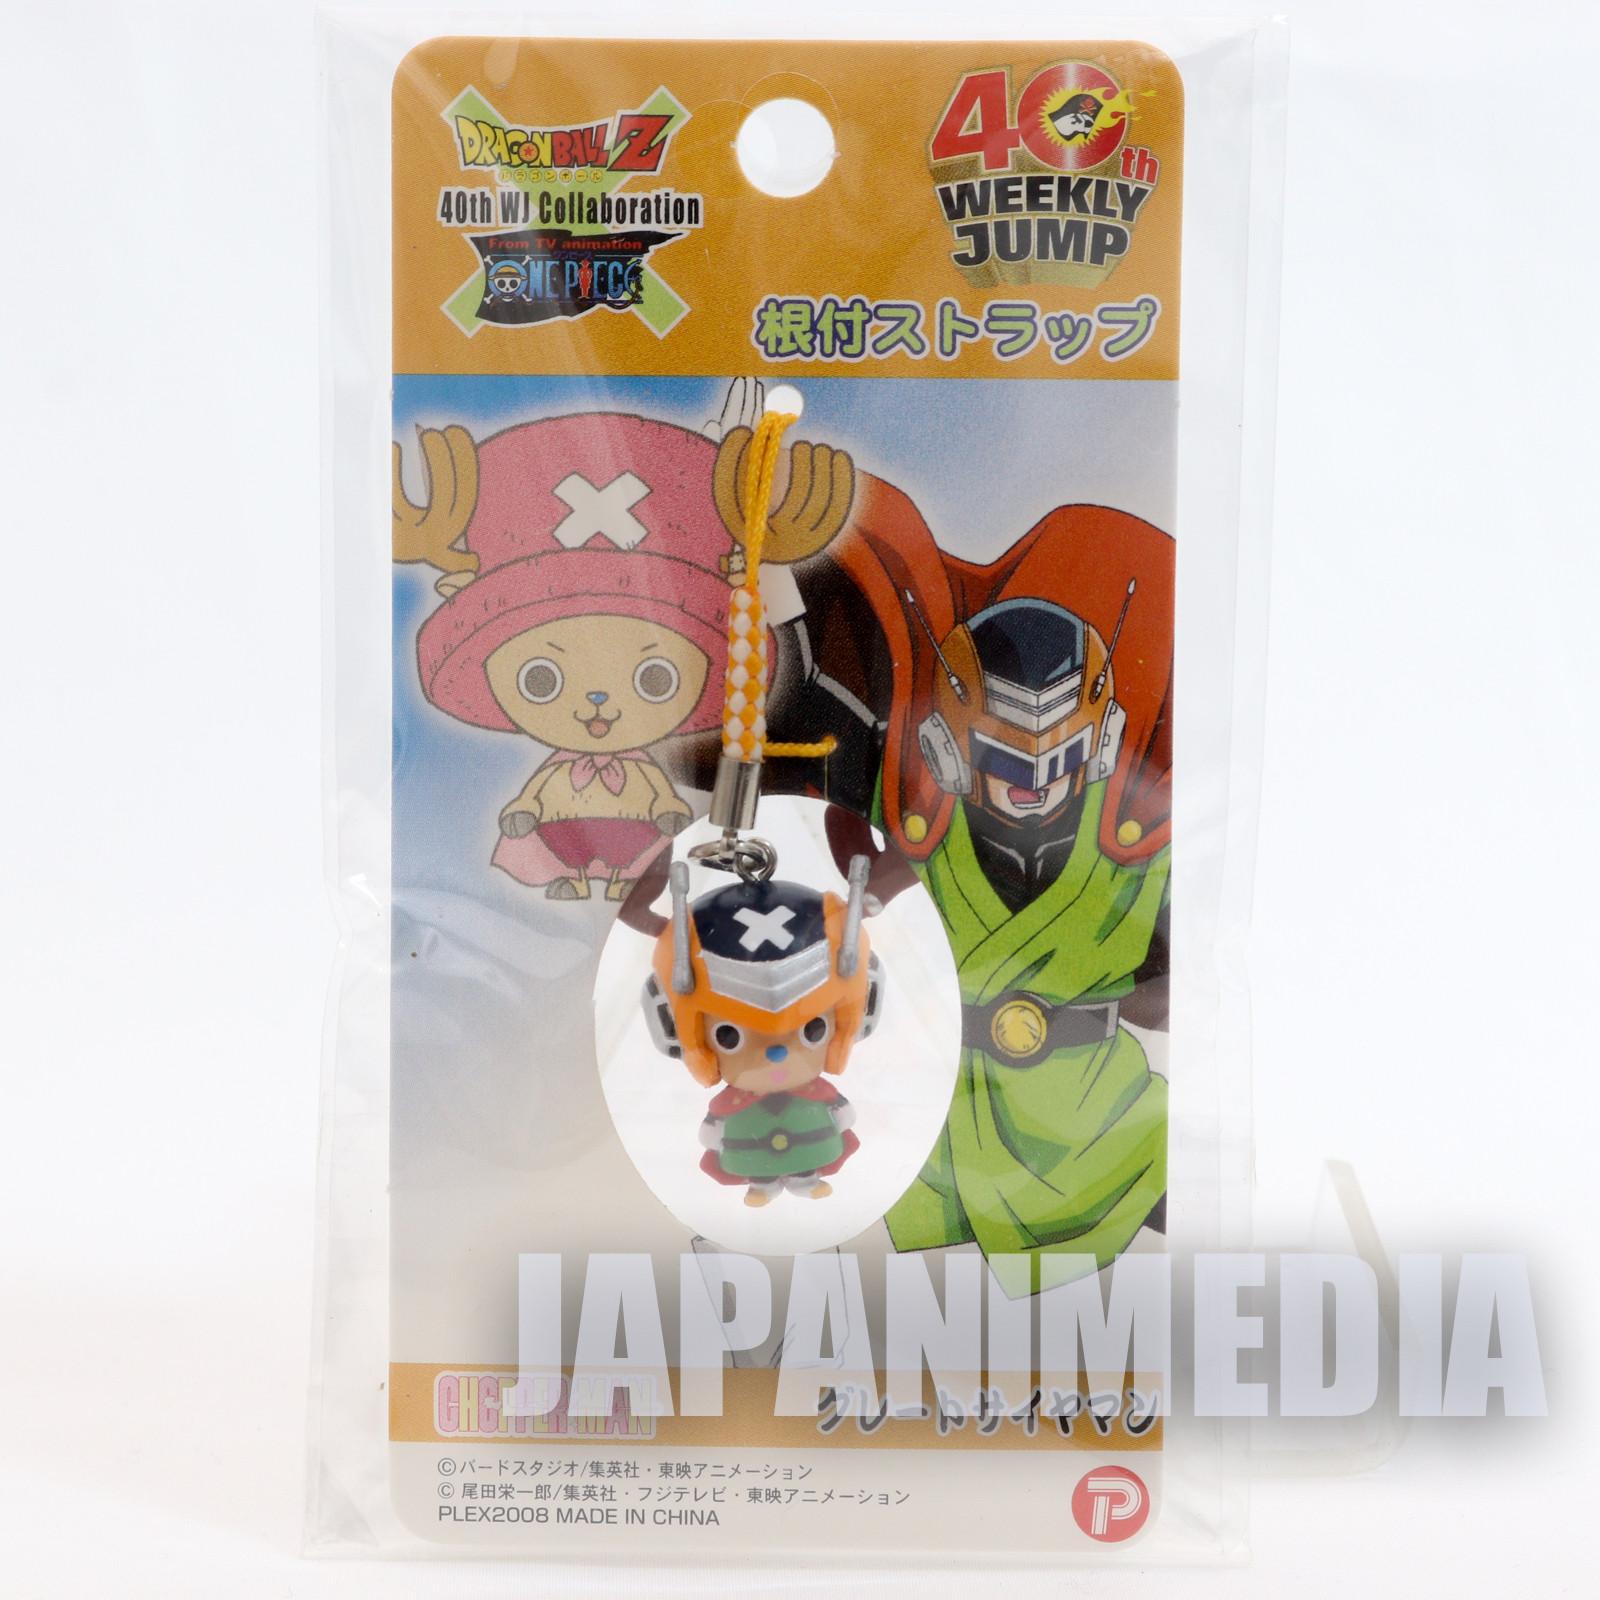 Dragon Ball Z x ONE PIECE Chopper Man x Great Saiyaman Figure Strap JAPAN ANIME